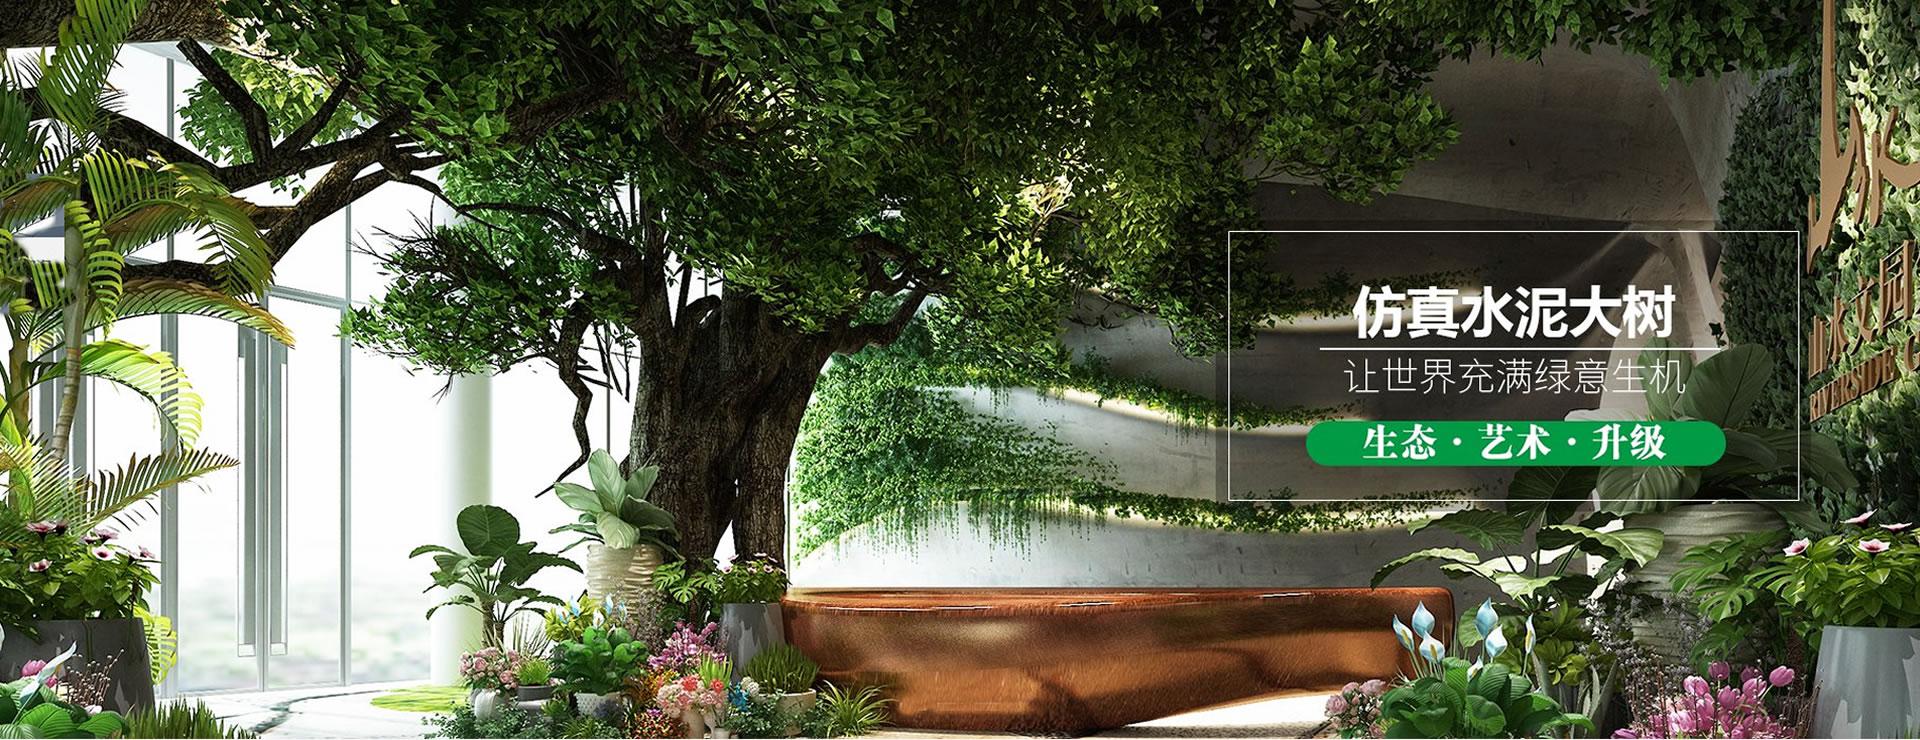 西安室内仿真假树